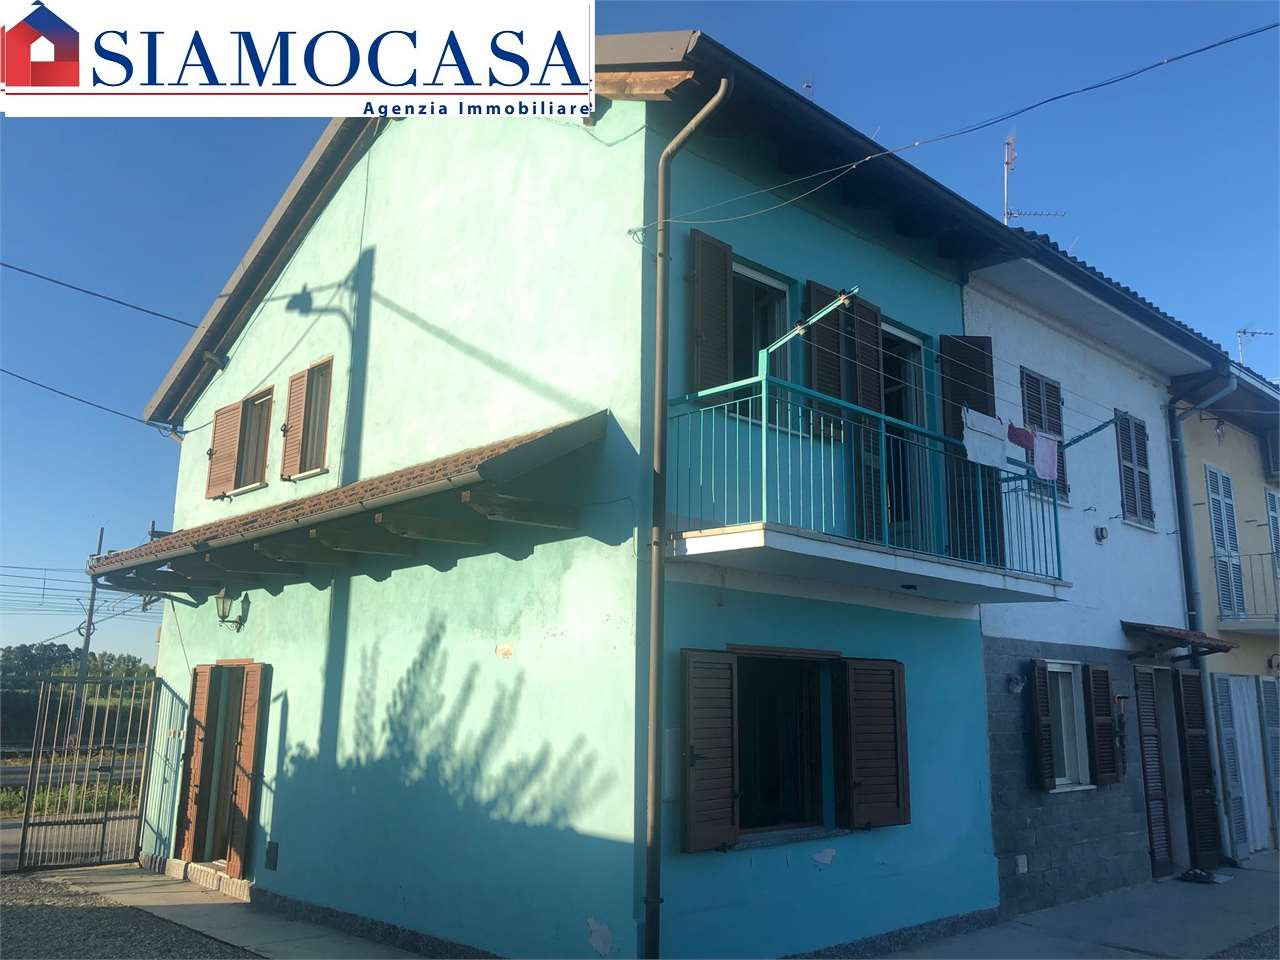 Soluzione Indipendente in vendita a Solero, 2 locali, prezzo € 40.000 | CambioCasa.it